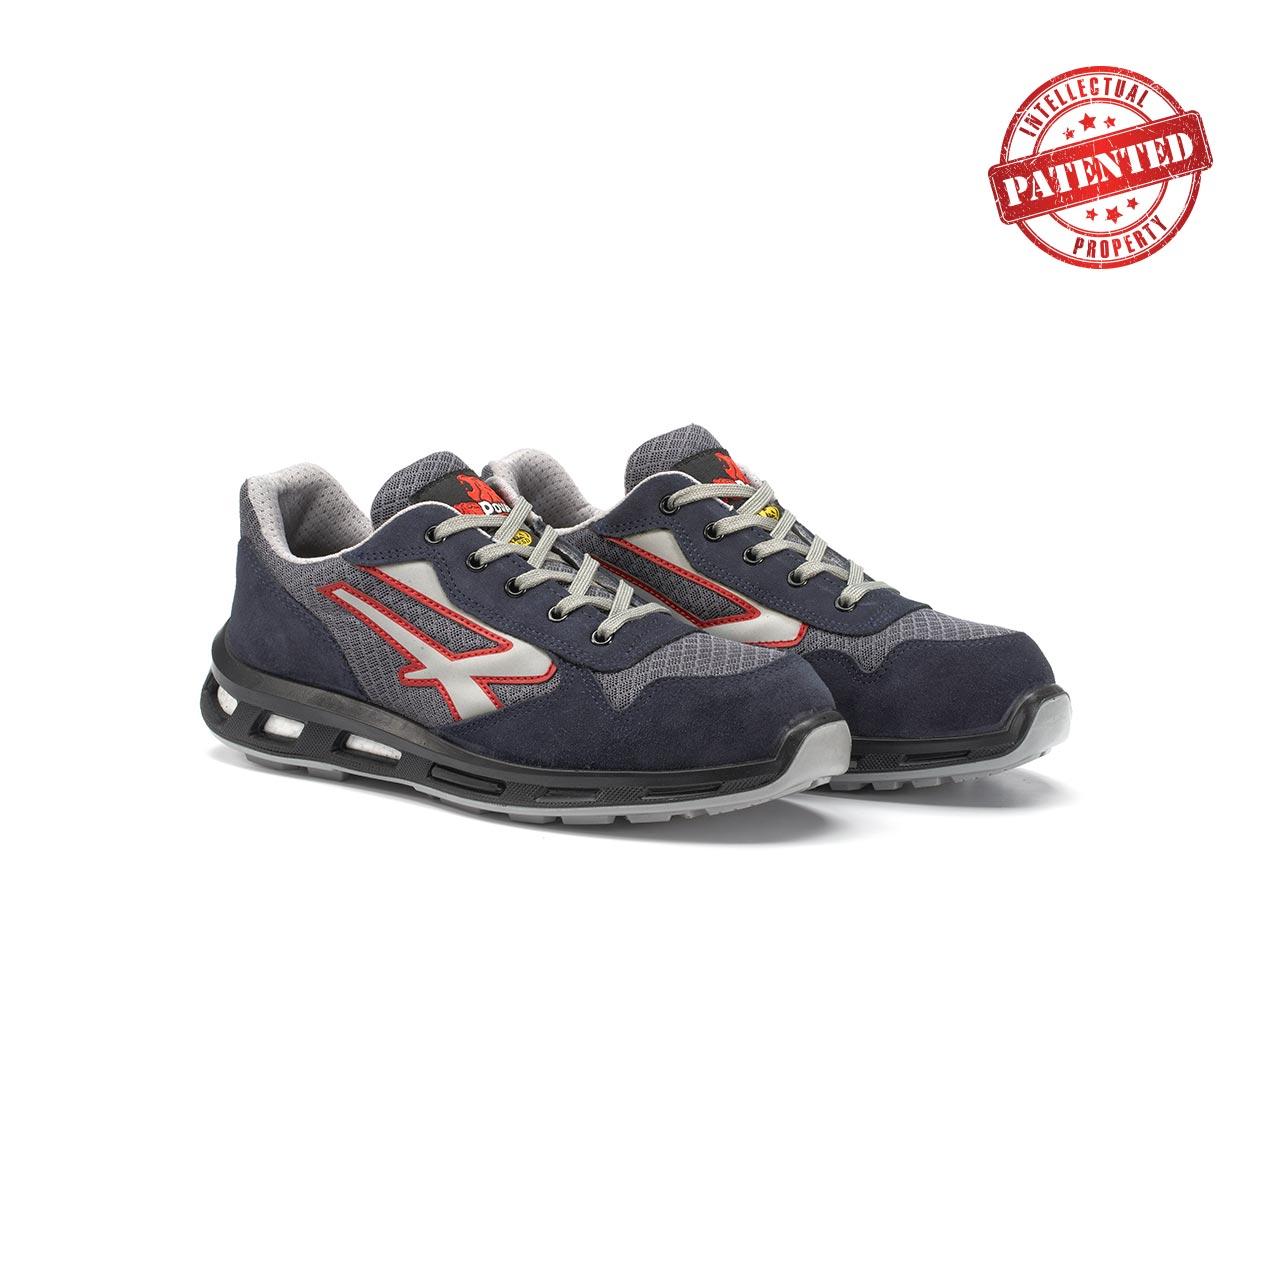 paio di scarpe antinfortunistiche upower modello active linea redlion vista prospettica